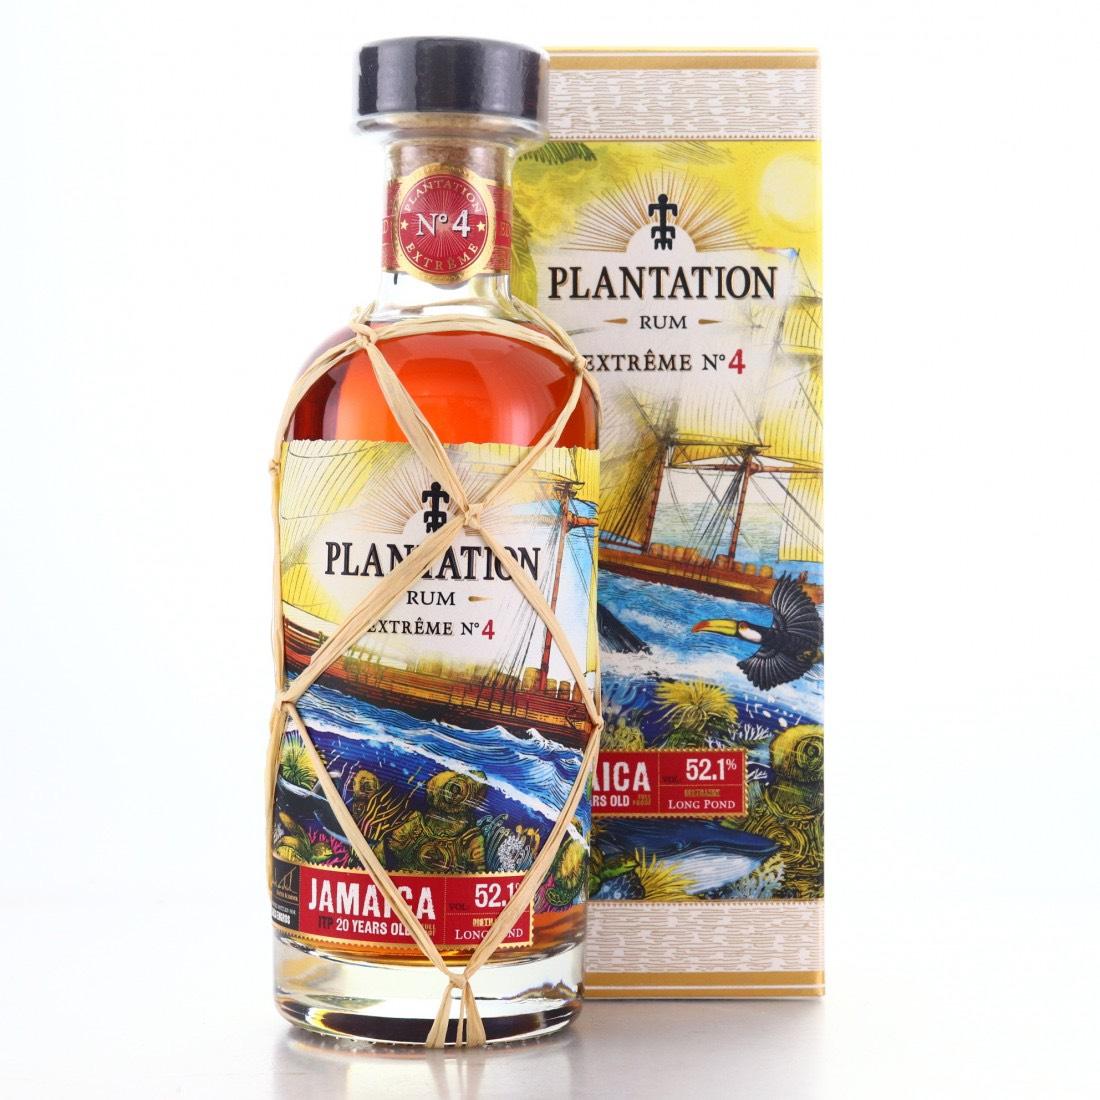 Bottle image of Plantation Extreme No. 4 ITP